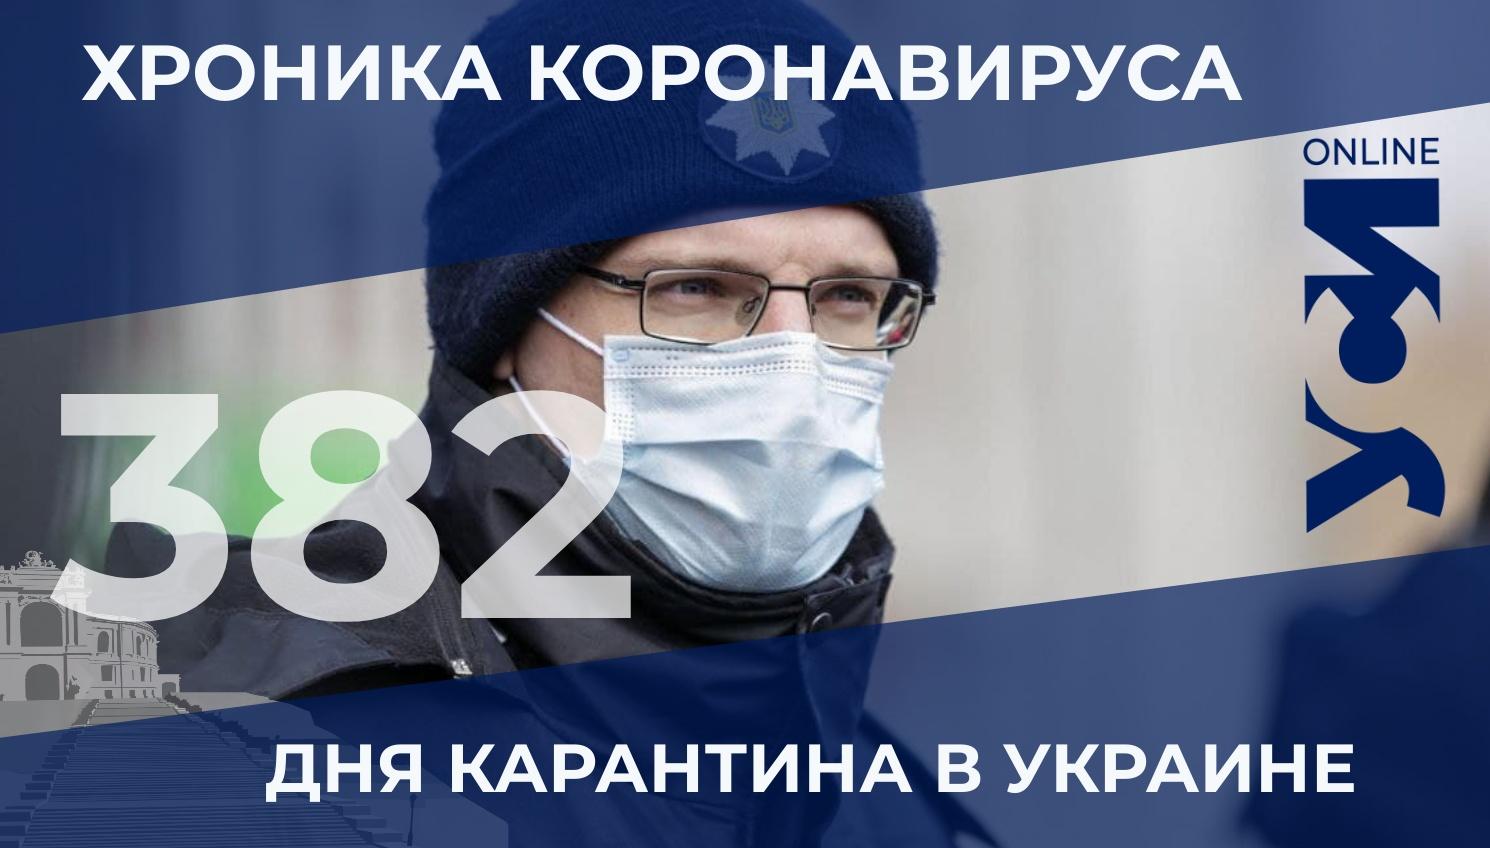 Хроника COVID-19: в Одесской области 565 новых заболевших «фото»